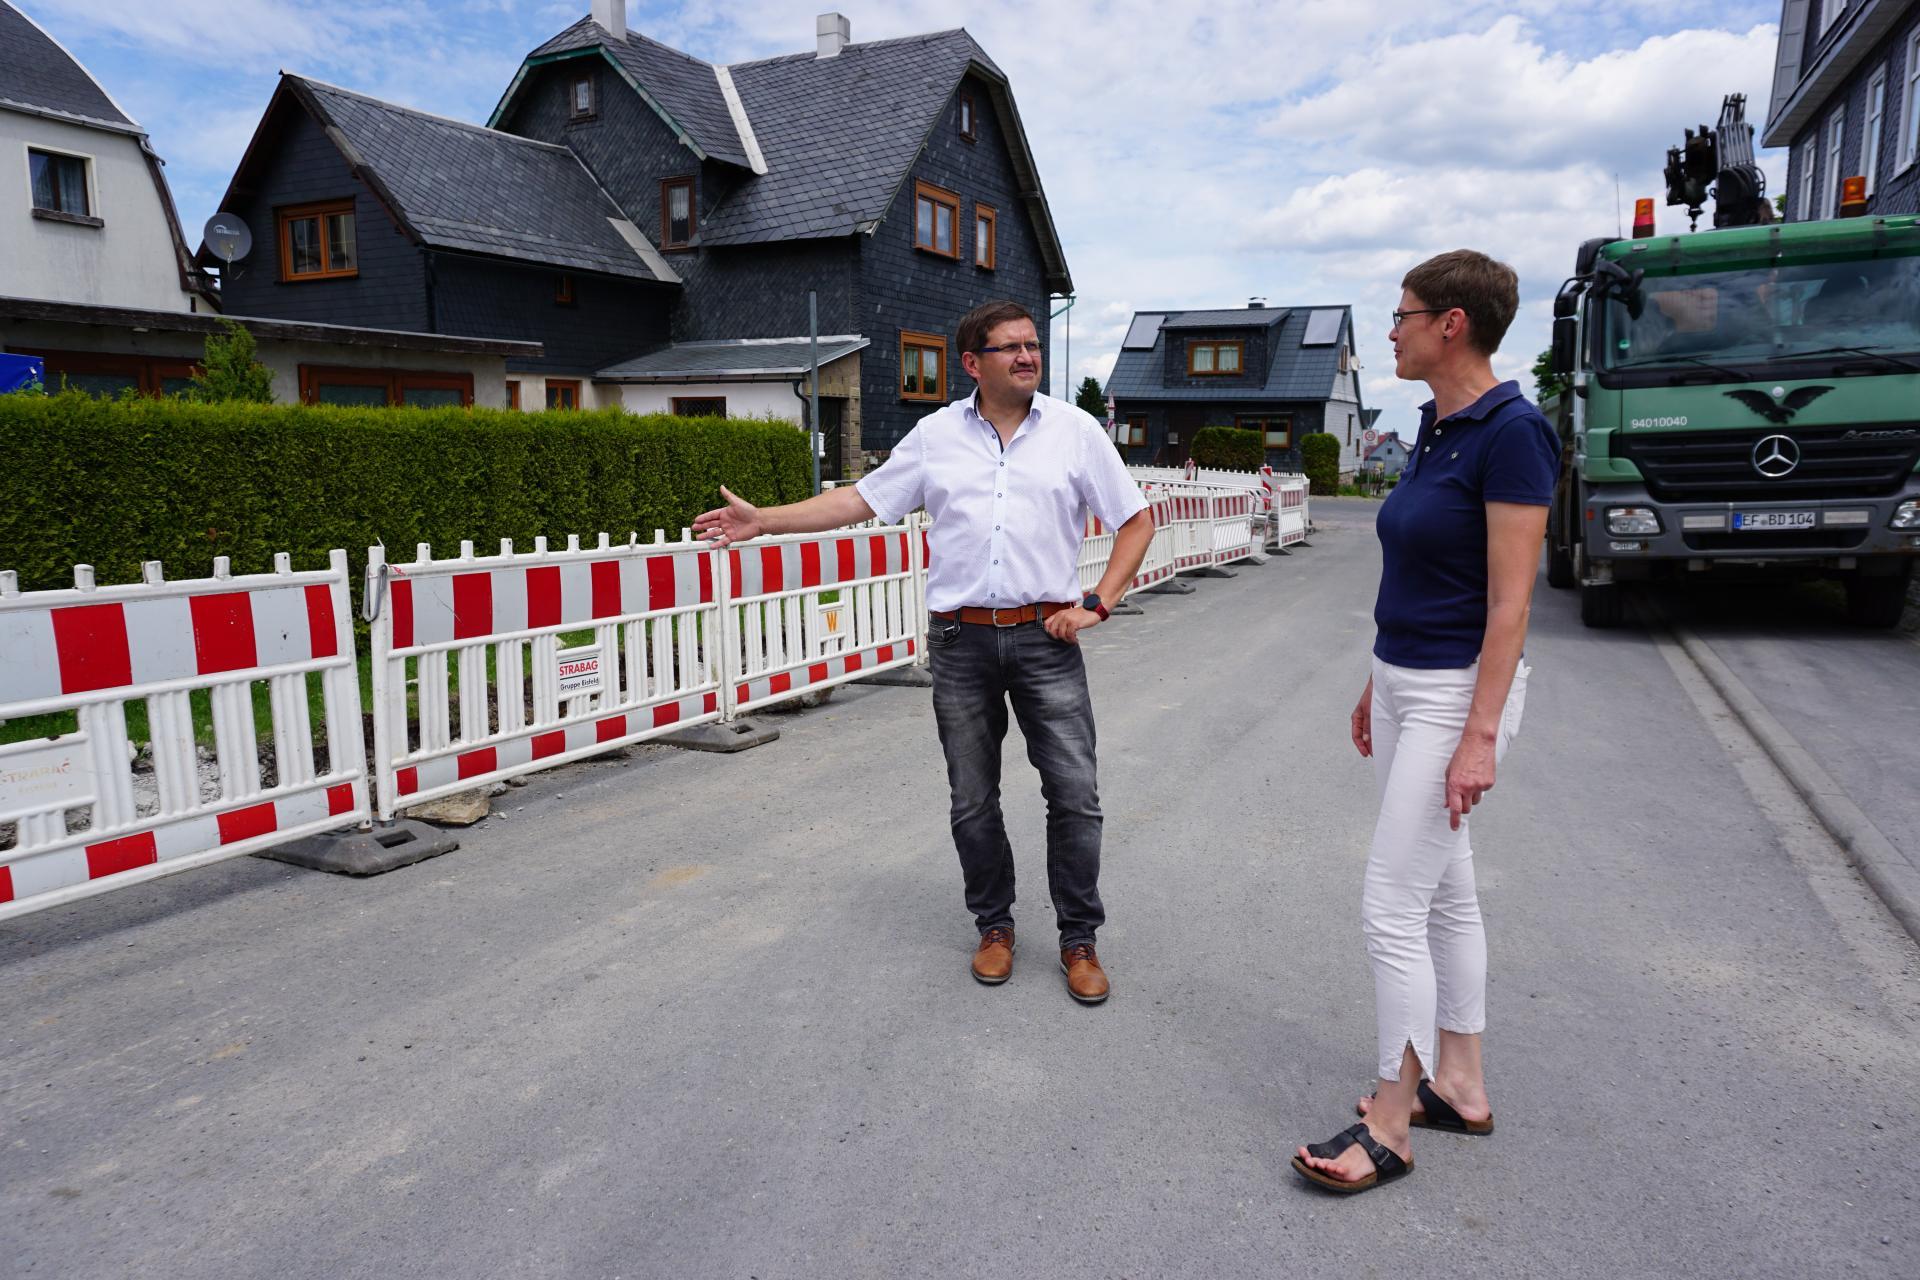 Bürgermeister Uwe Scheler und Sigrun Palinske vom Büro IPU aus Erfurt beim Vor-Ort-Termin am 15.06.2021